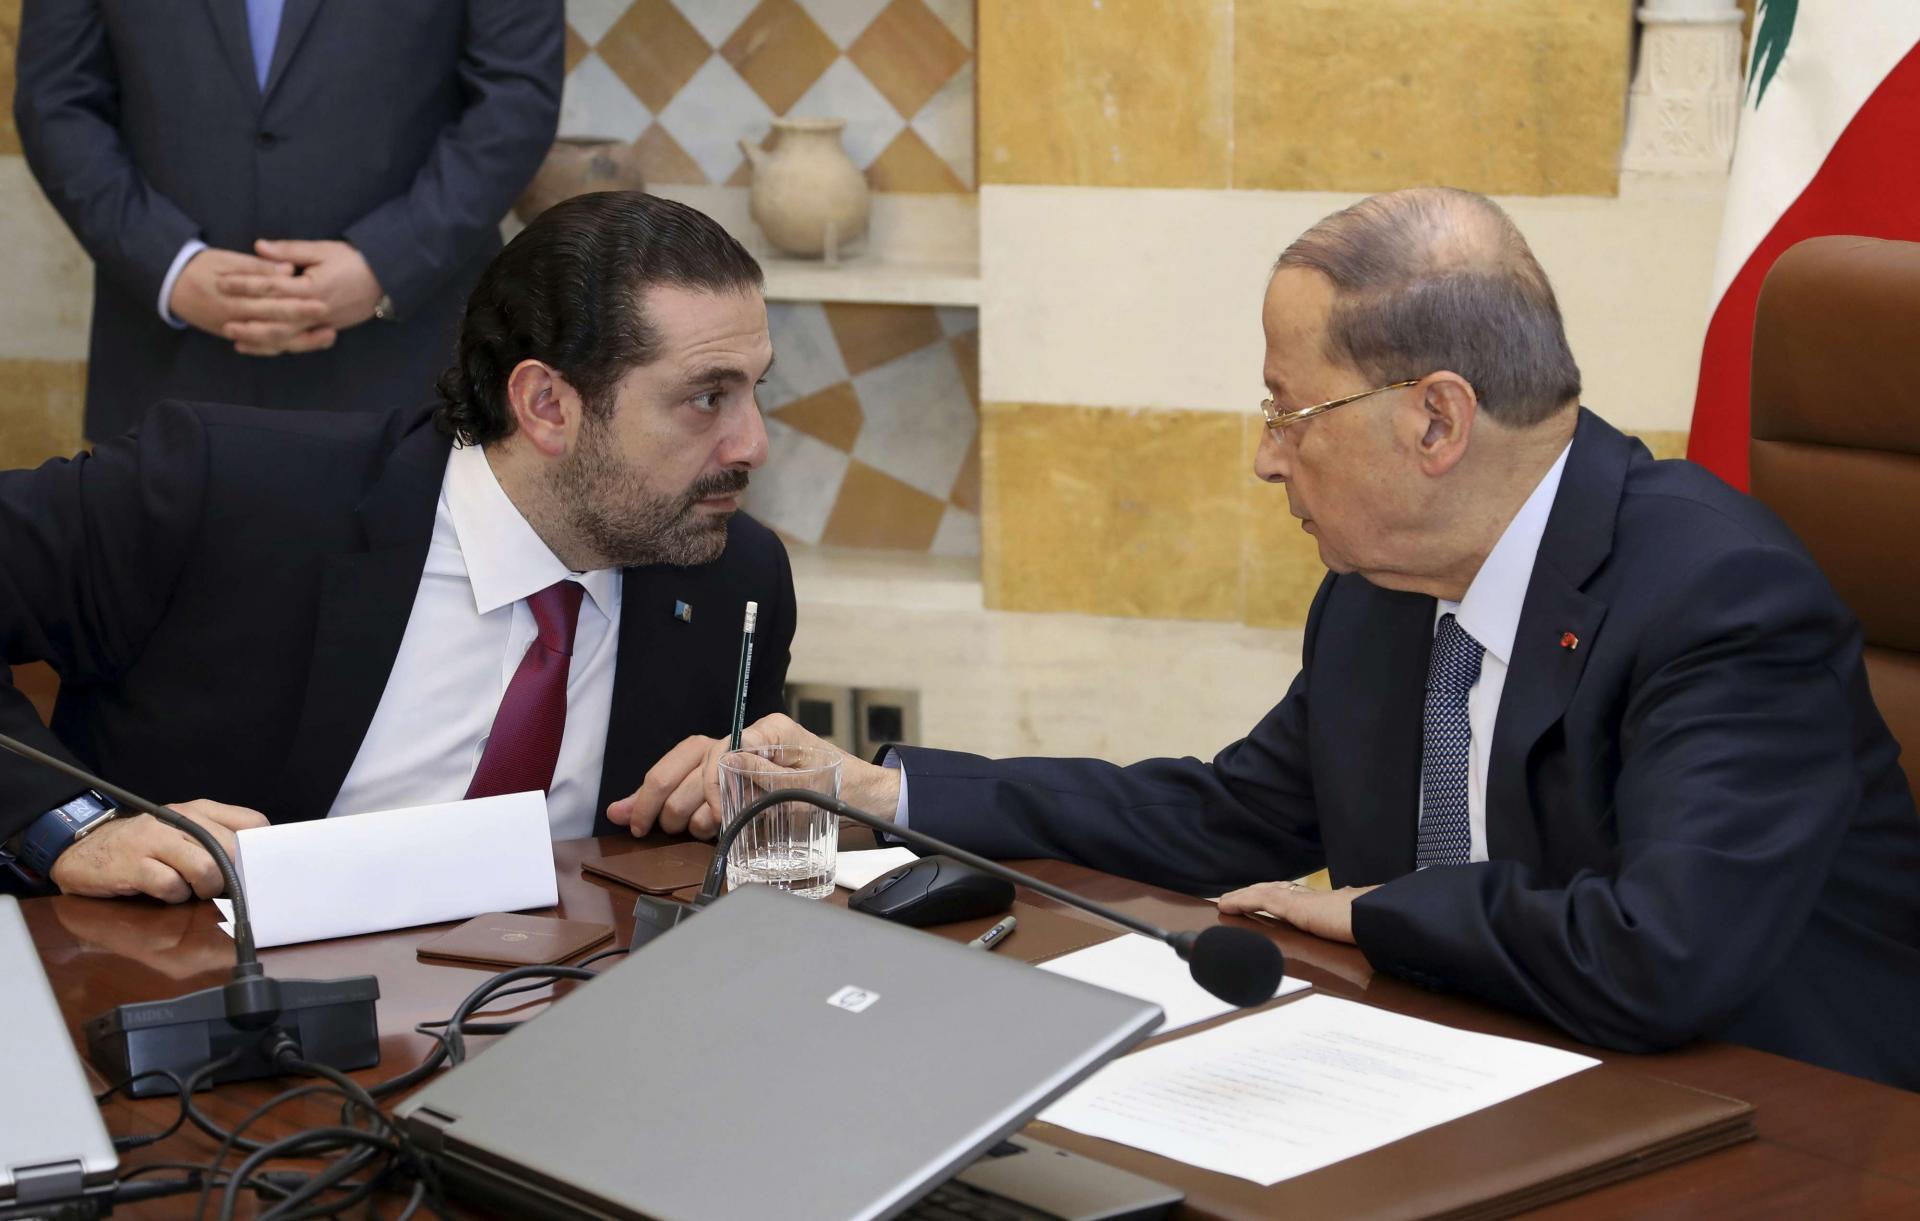 لبنان.. الحريري يرفض تشكيل حكومة كما يريدها ميشال عون